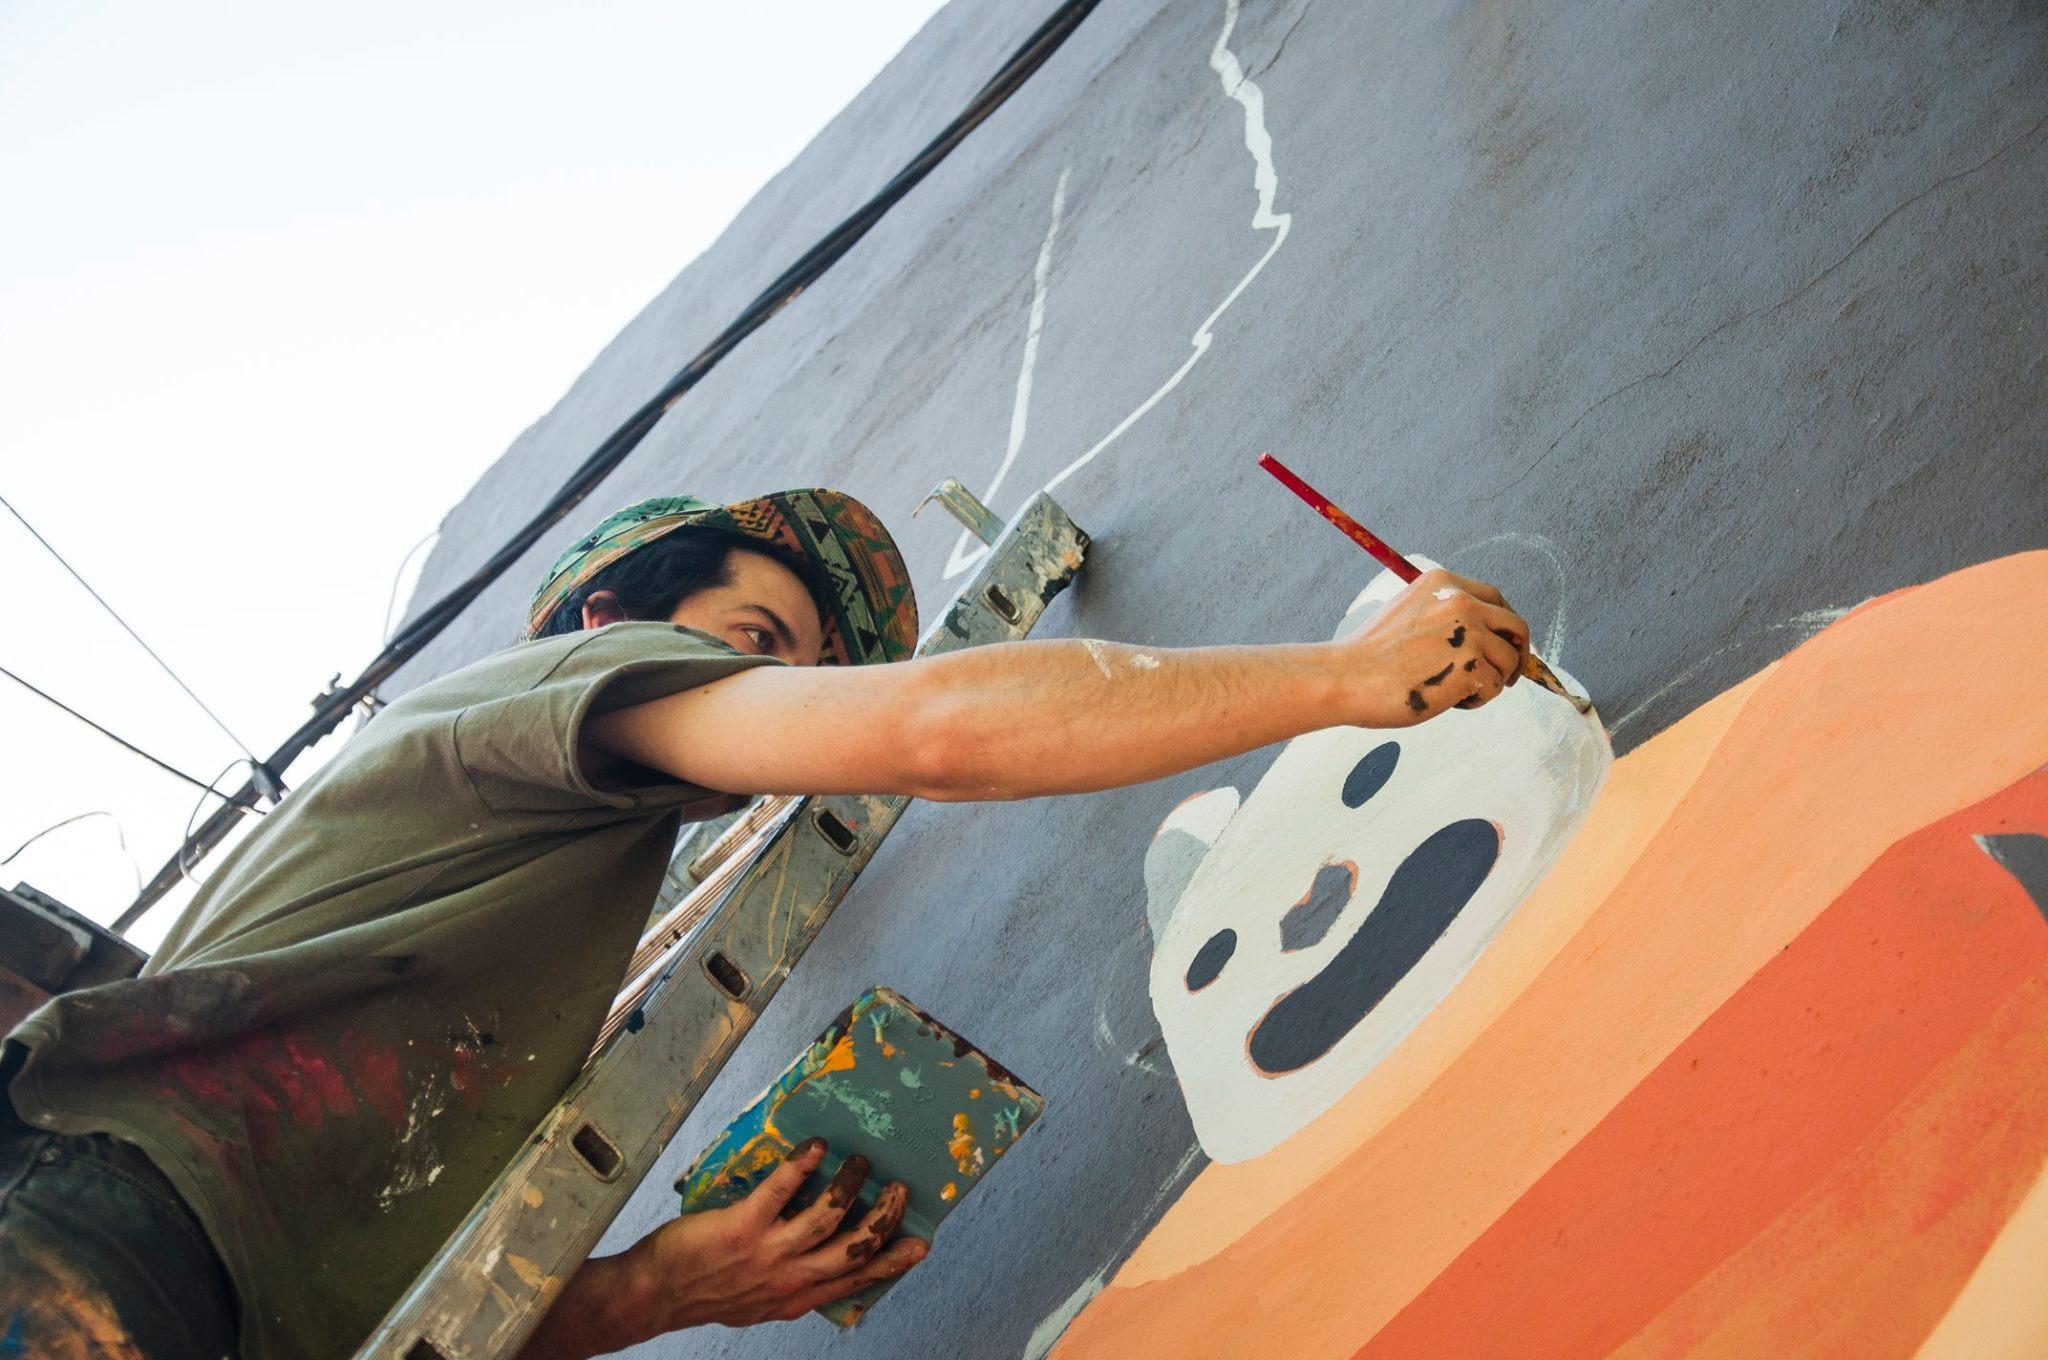 martin-ferreyra-new-mural-for-oficio-residence-01